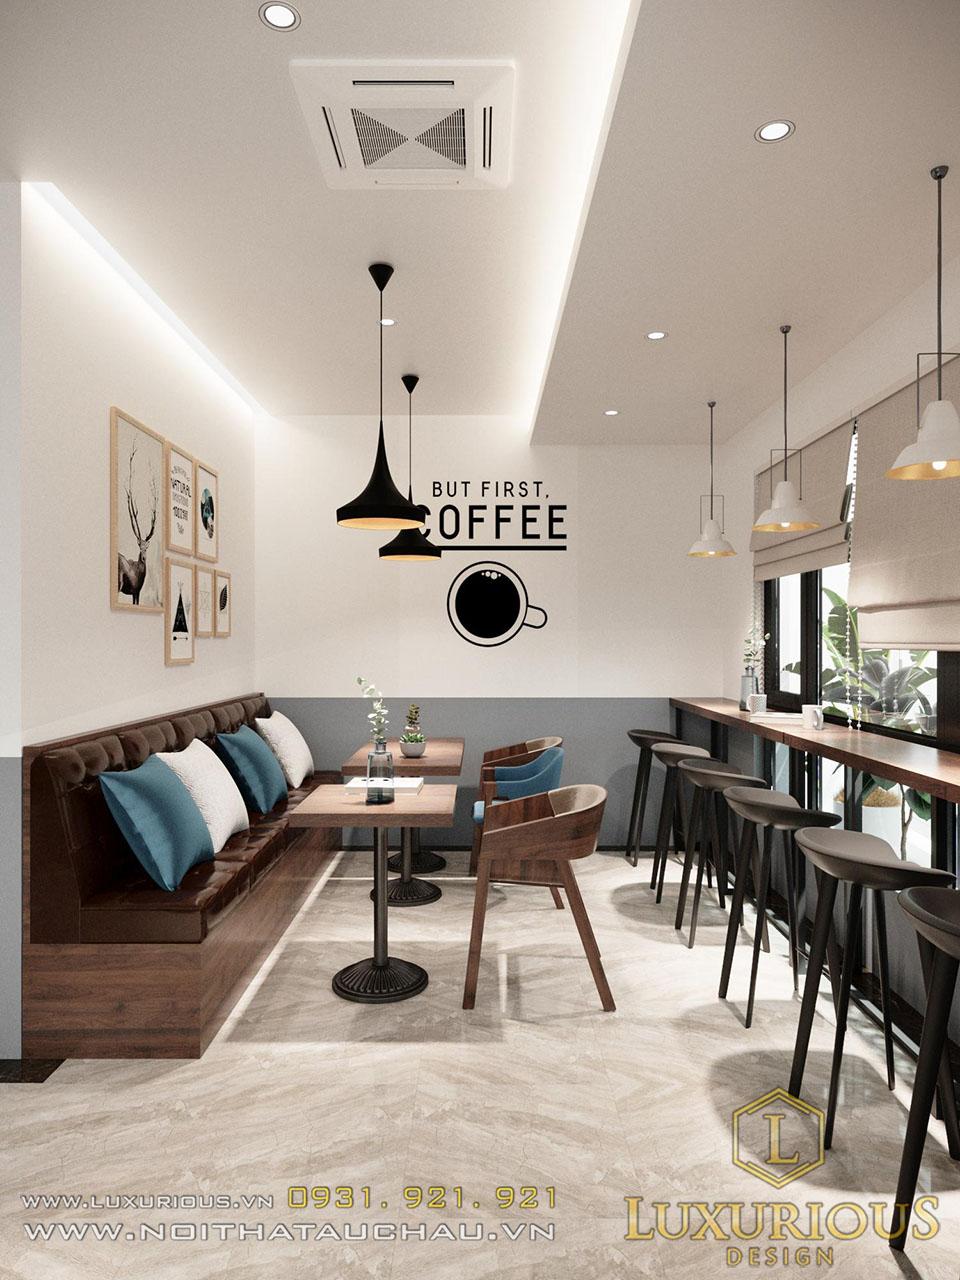 Tầng 1 quán cafe